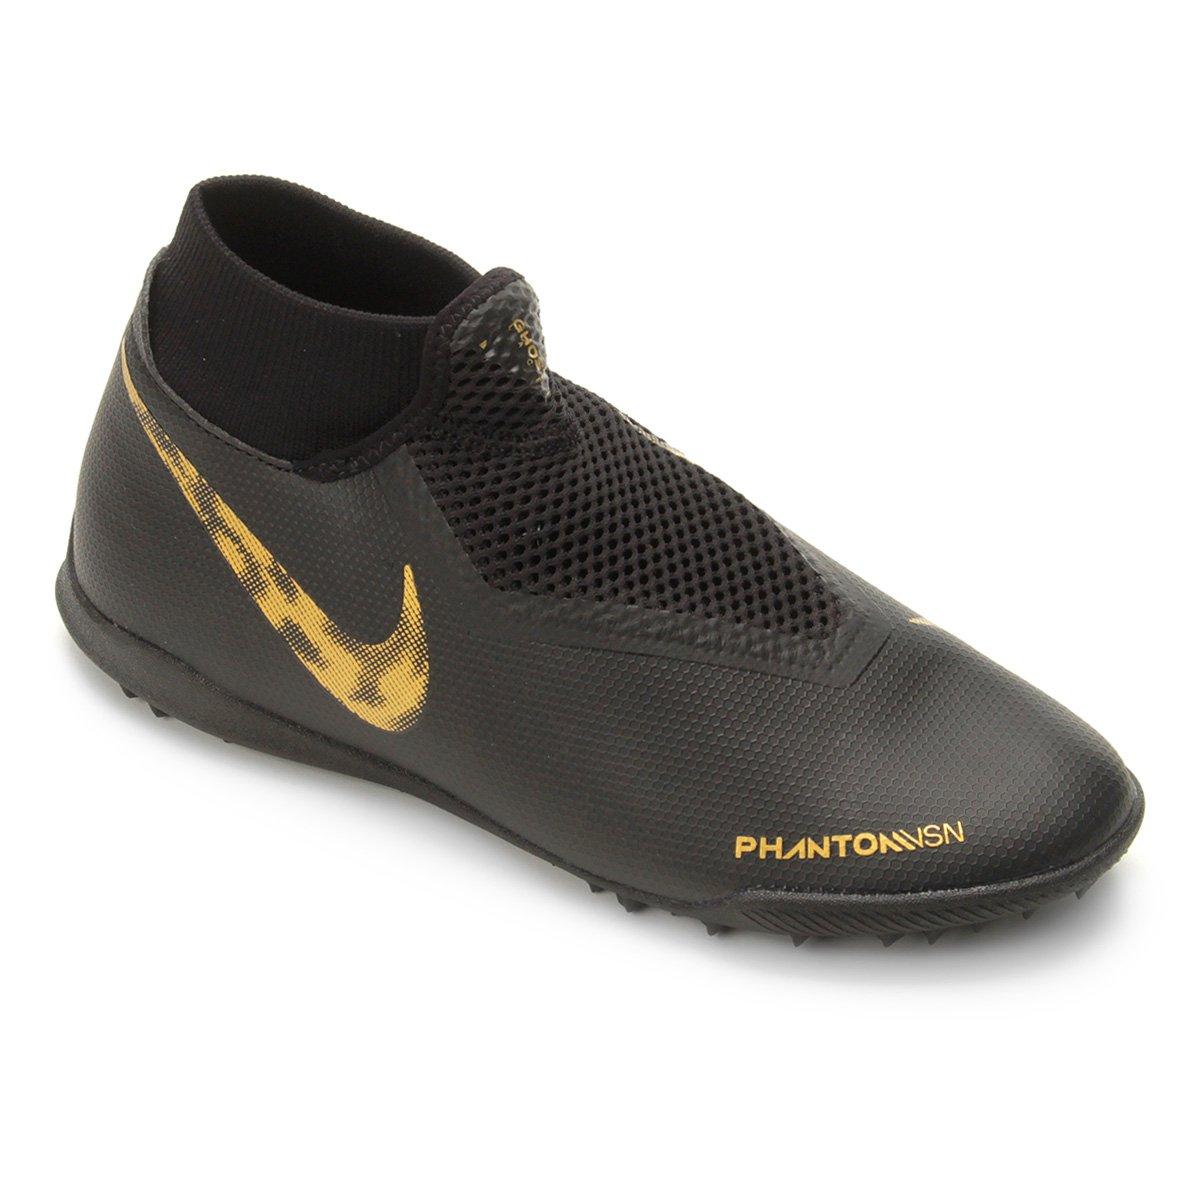 eb5a63cab283b Chuteira Society Nike Phantom Vision Academy DF TF - Preto e Dourado | Shop  Timão